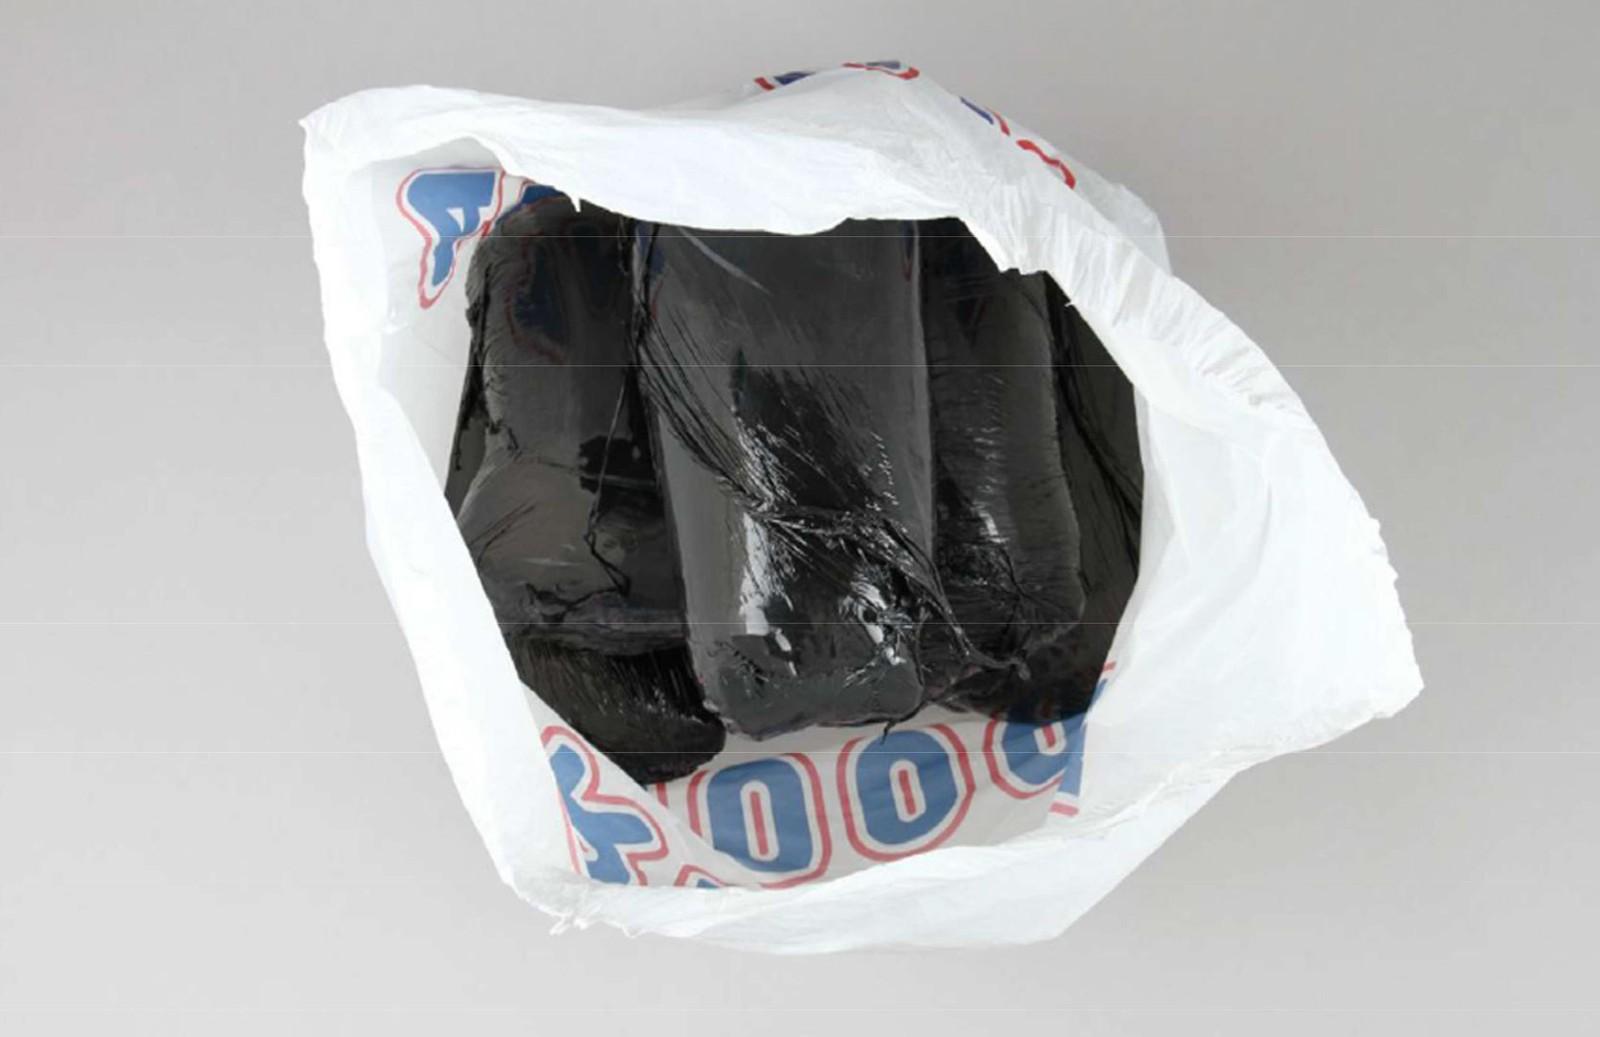 Narkobeslag i plastpose.